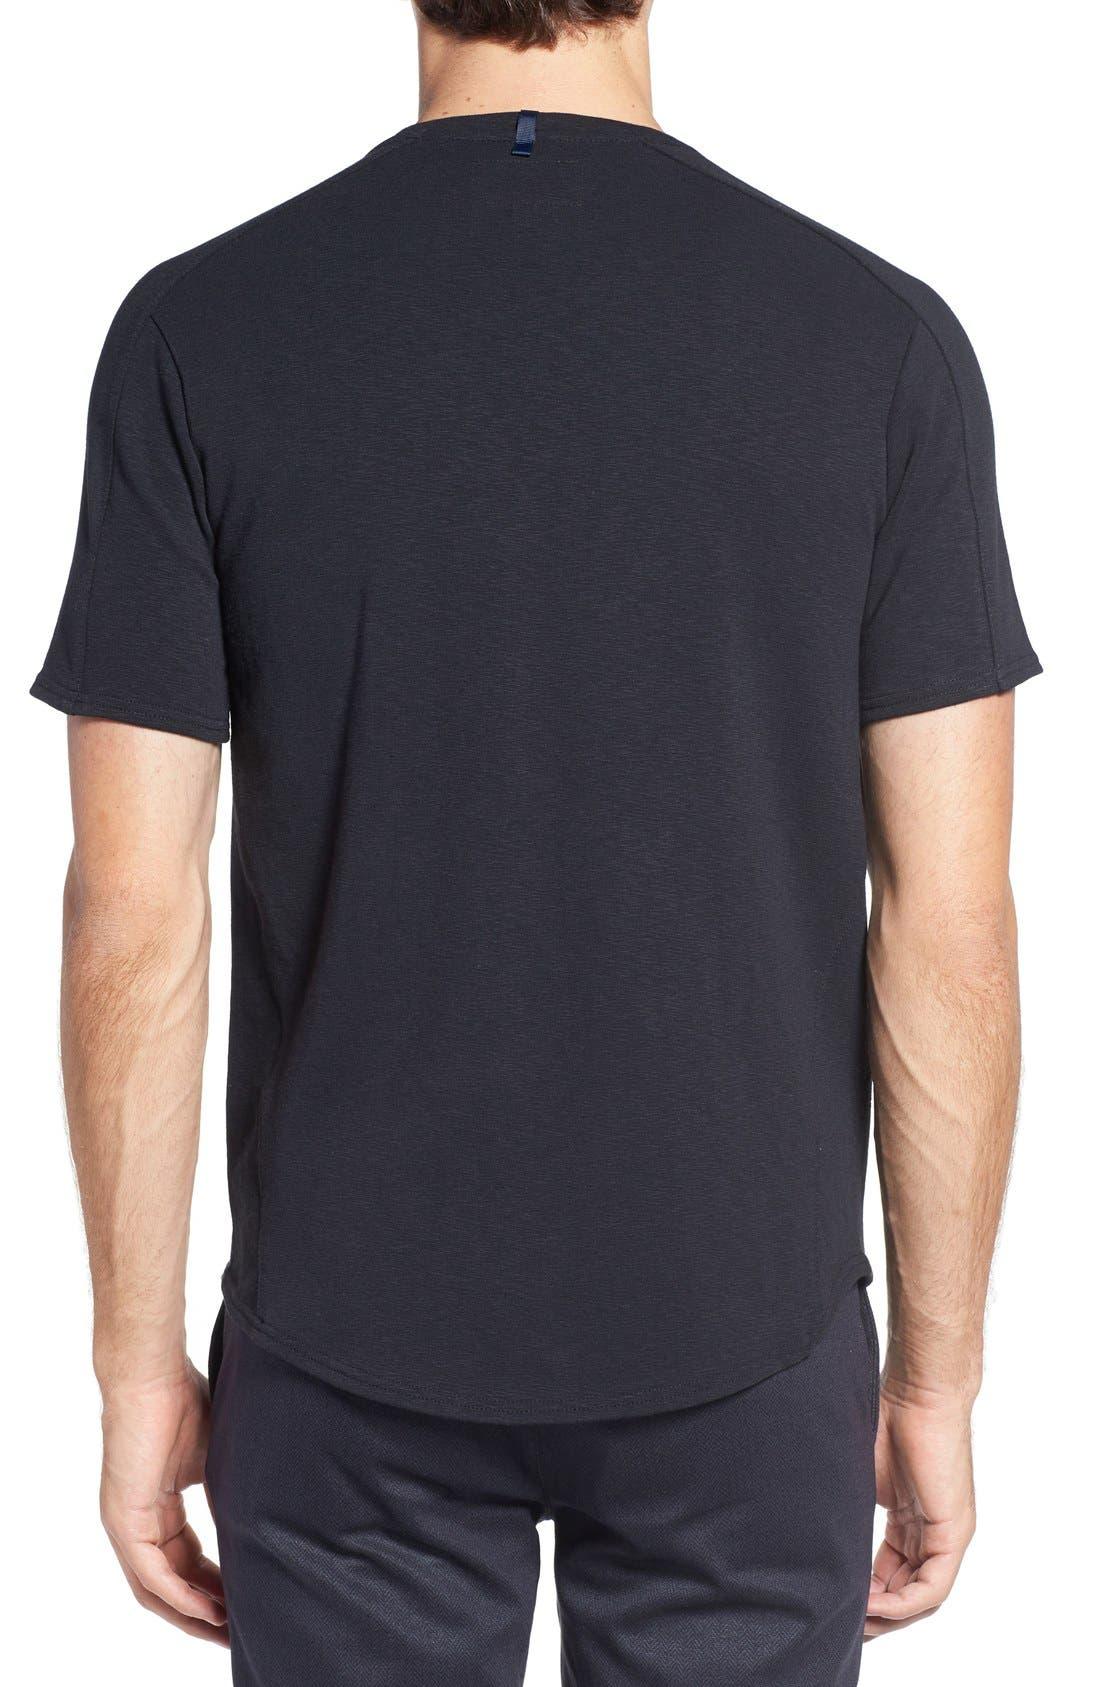 Douglas Cotton Blend T-Shirt,                             Alternate thumbnail 2, color,                             Black